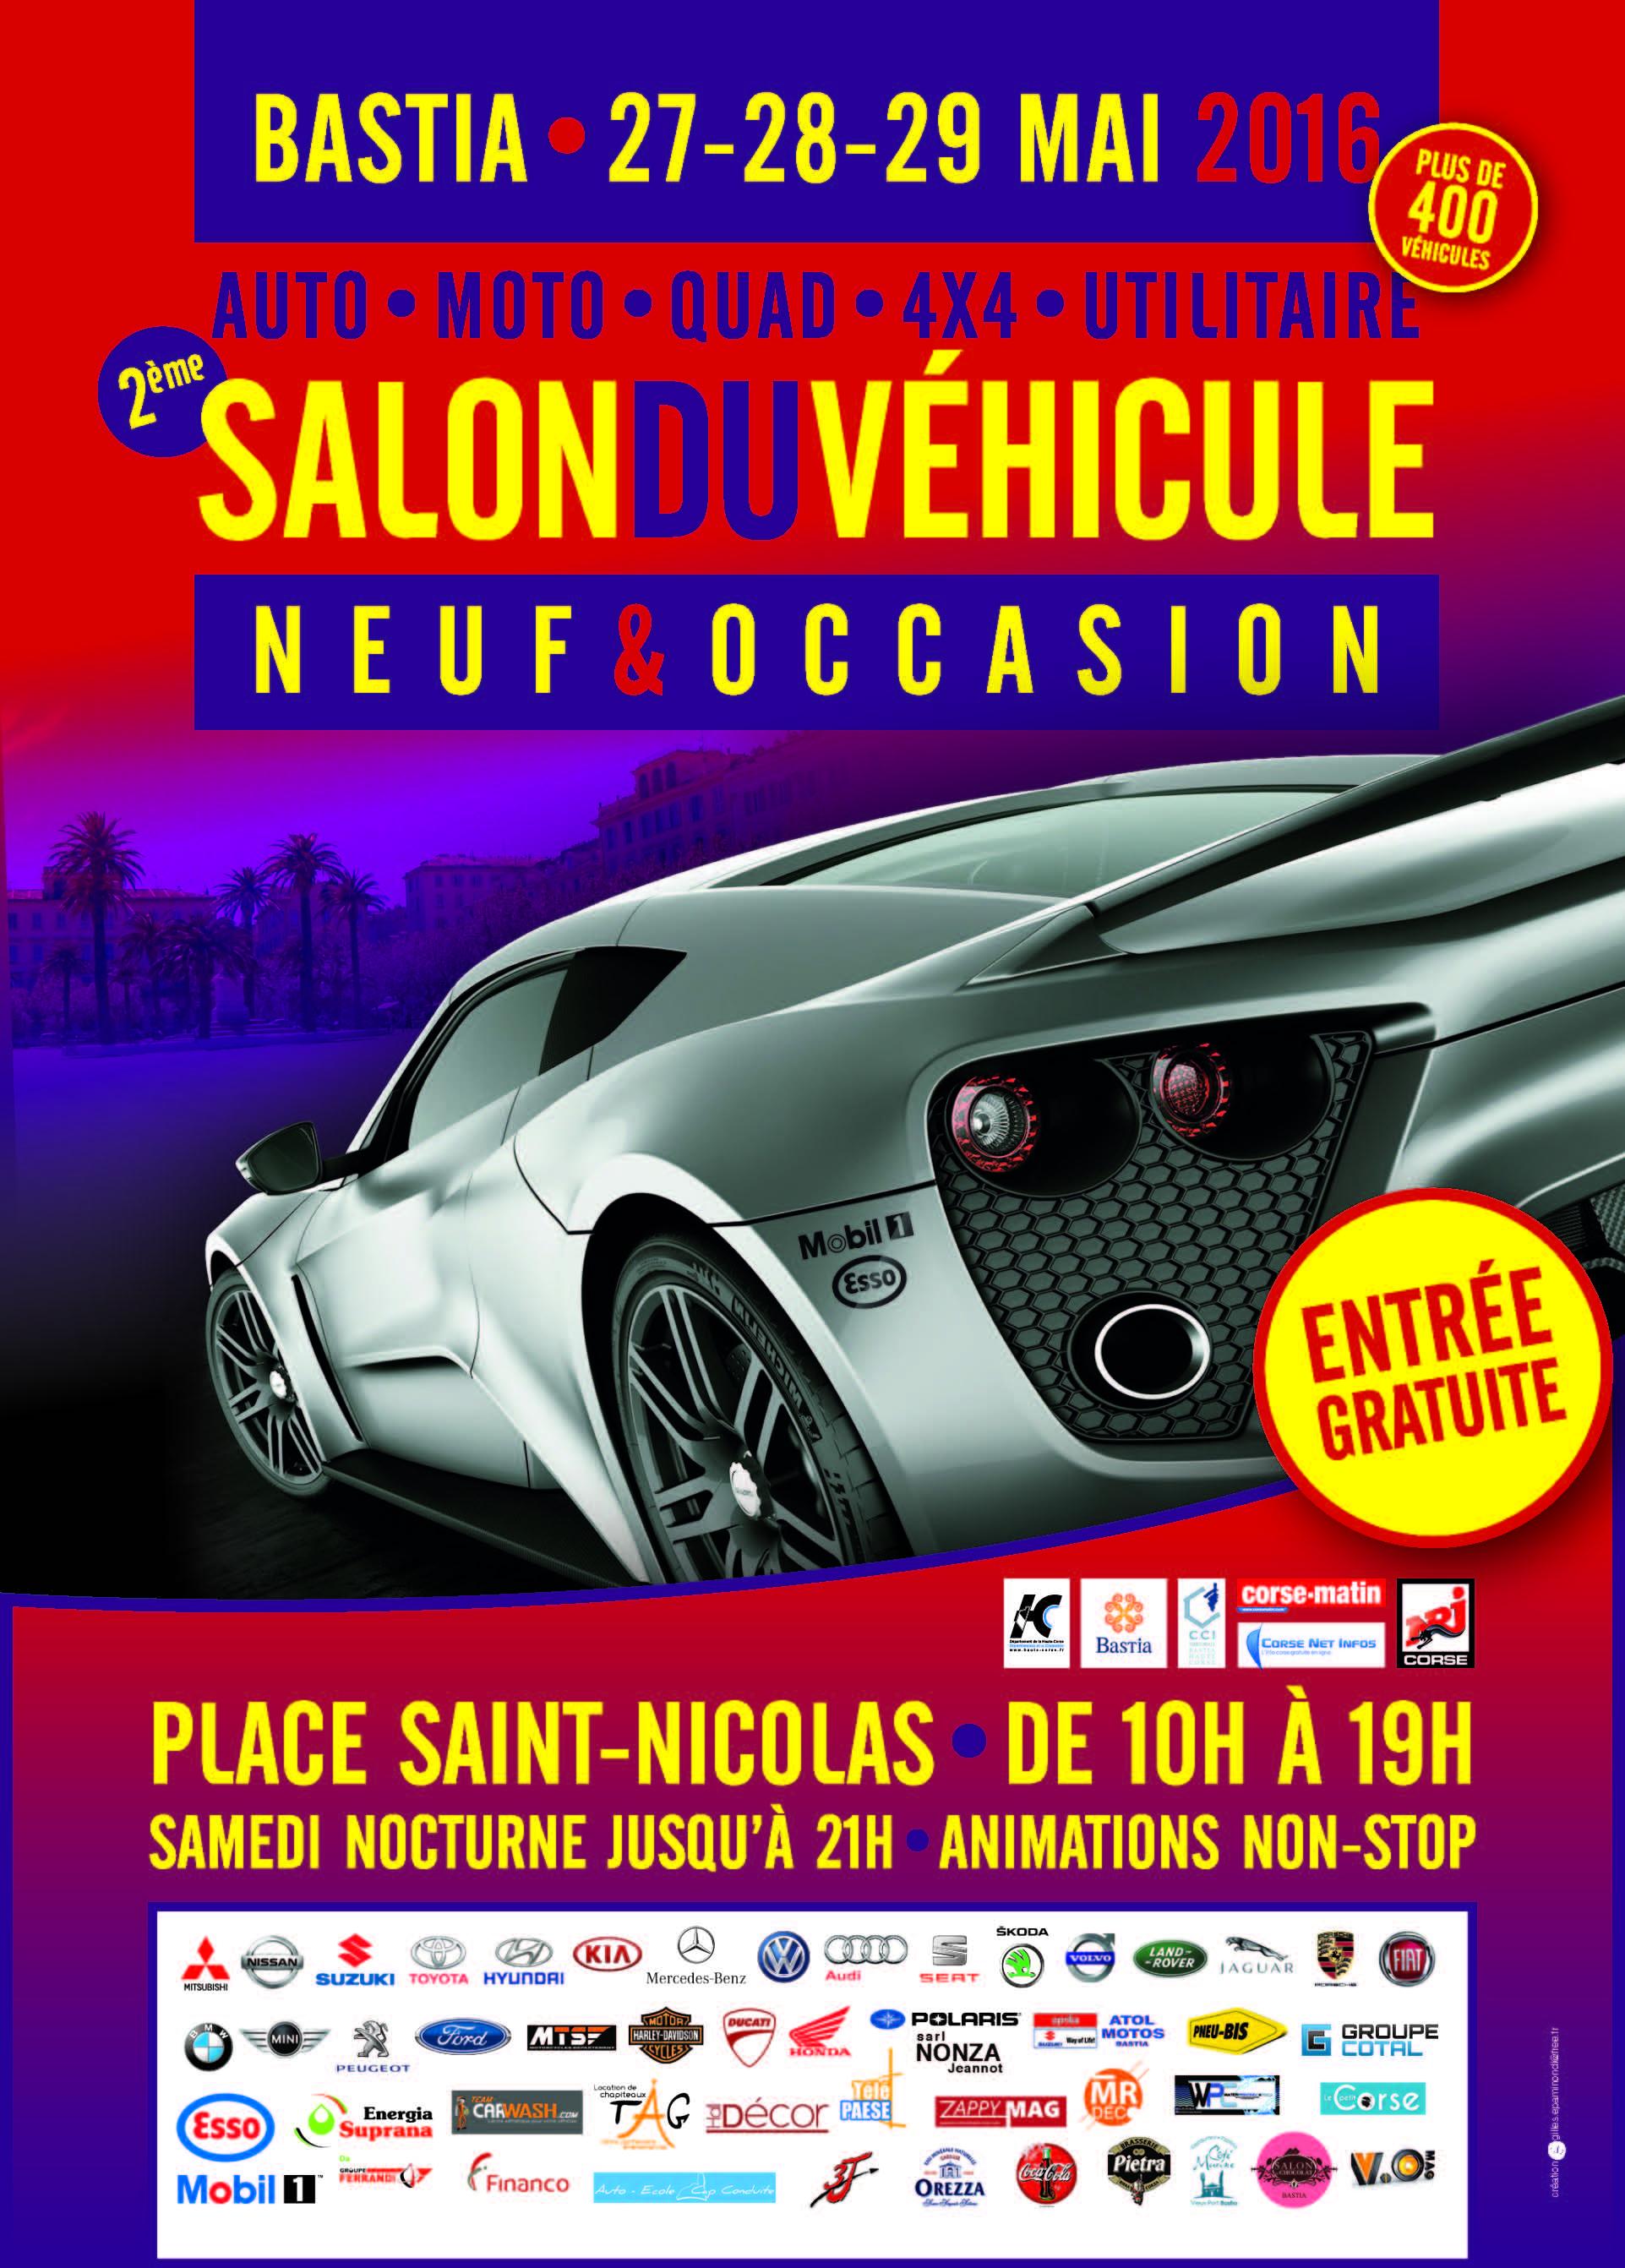 Salon du véhicule neuf et d'occasion de Bastia : On ouvre